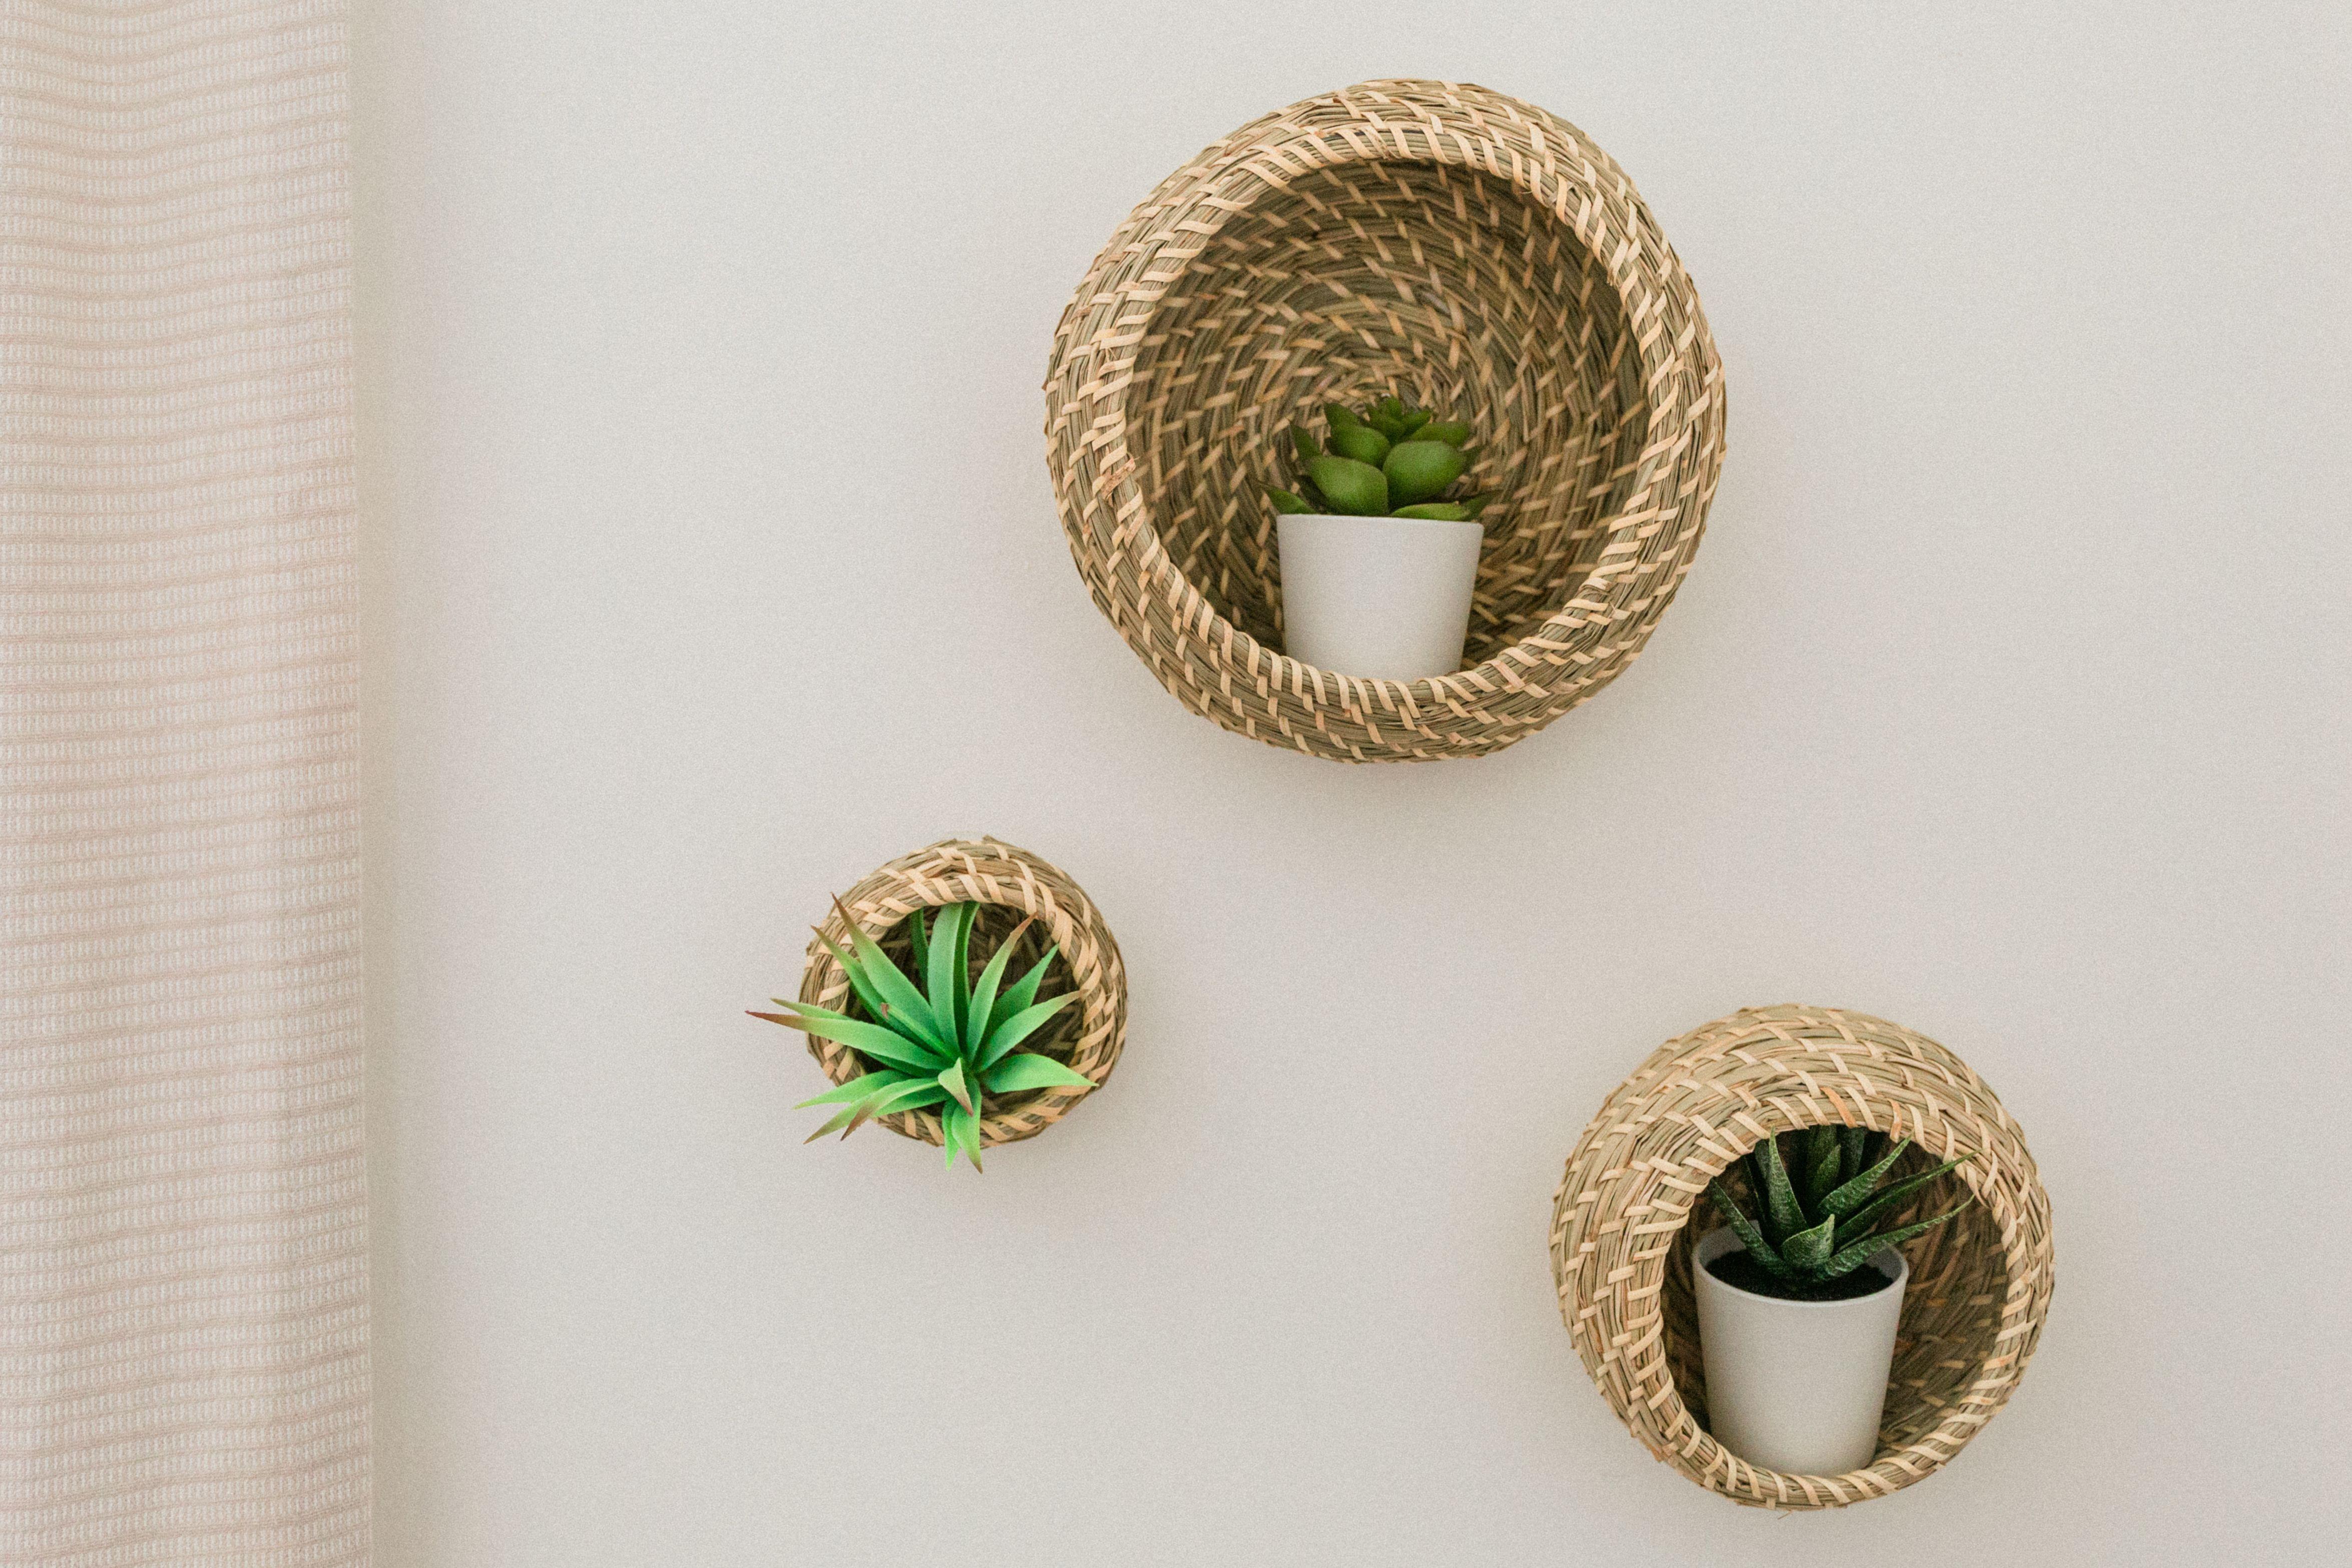 Just Two Genius Ways To Use These Popular Ikea Baskets Hunker Muurdecoratie Ikea Hack Decoratie